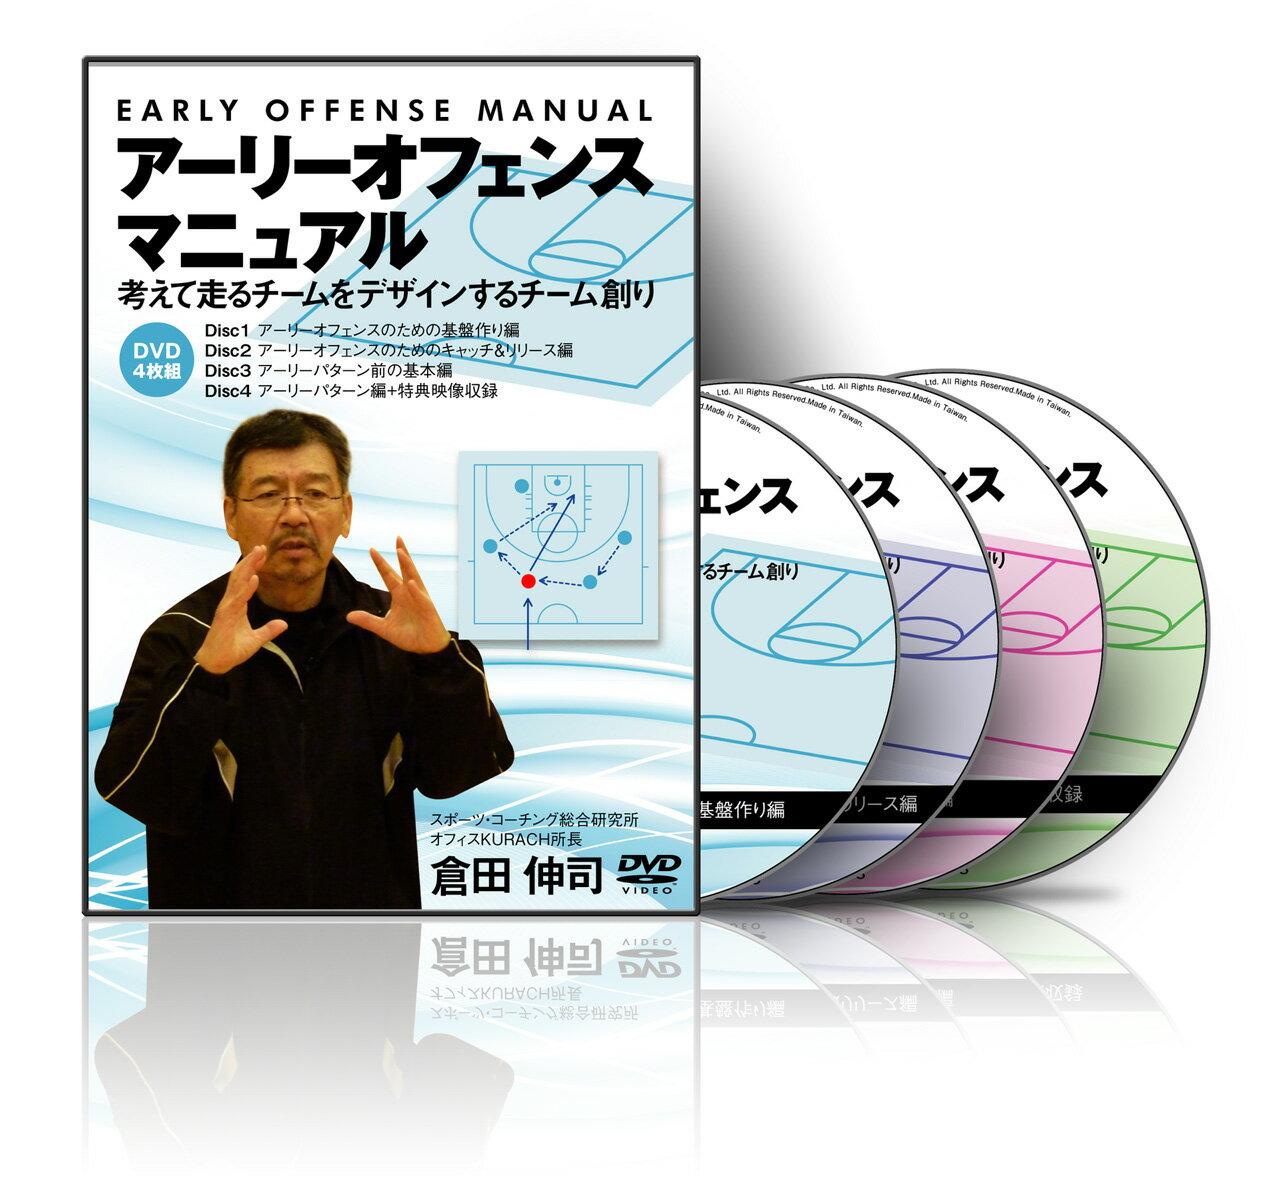 倉田伸司の『アーリーオフェンスマニュアル』 ~考えて走るチームをデザインするチーム創り~